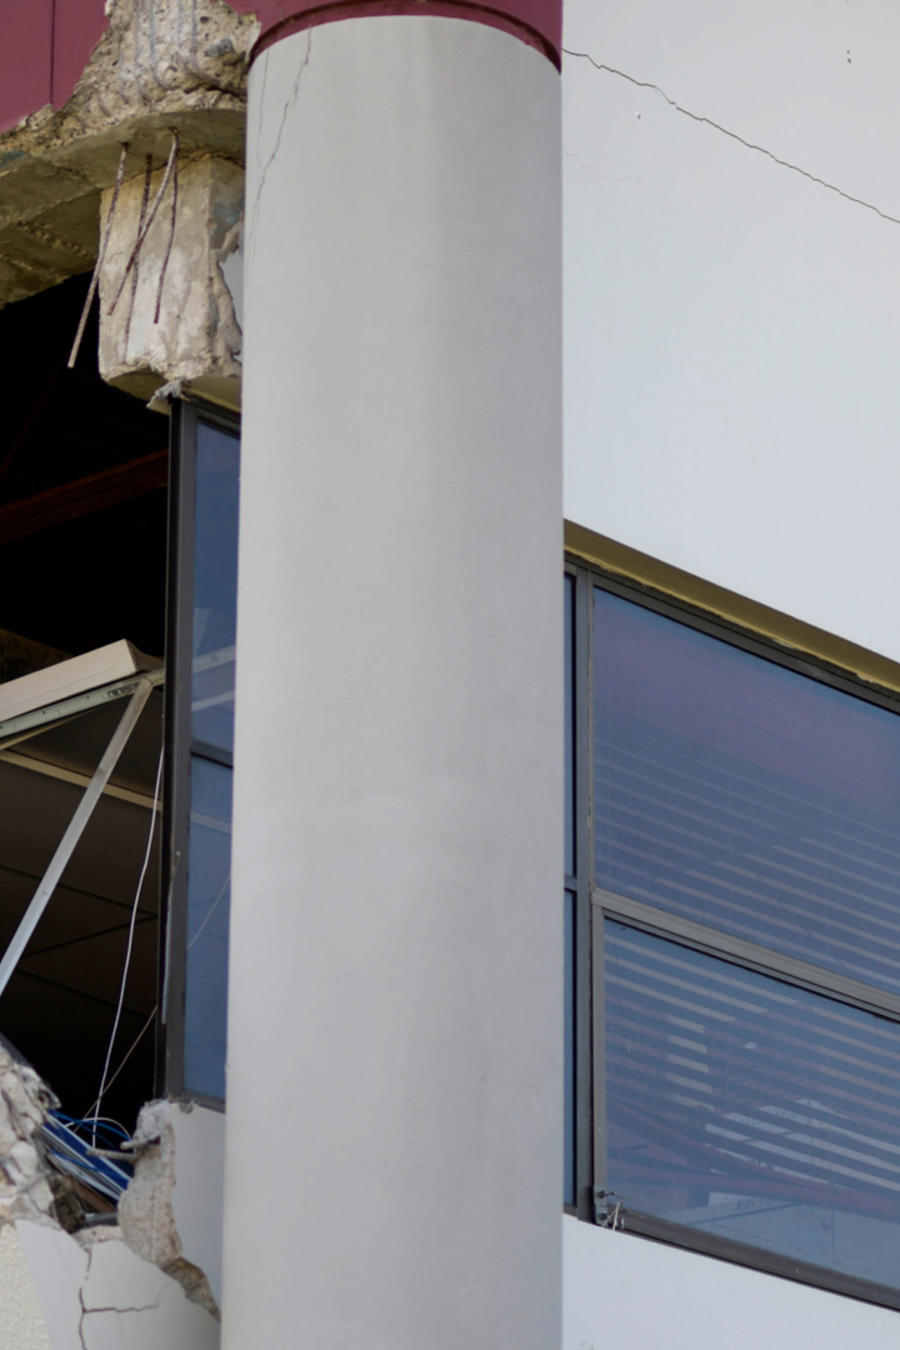 Un edificio dañado por terremoto de 6.4 en Puerto Rico el 7 de enero.